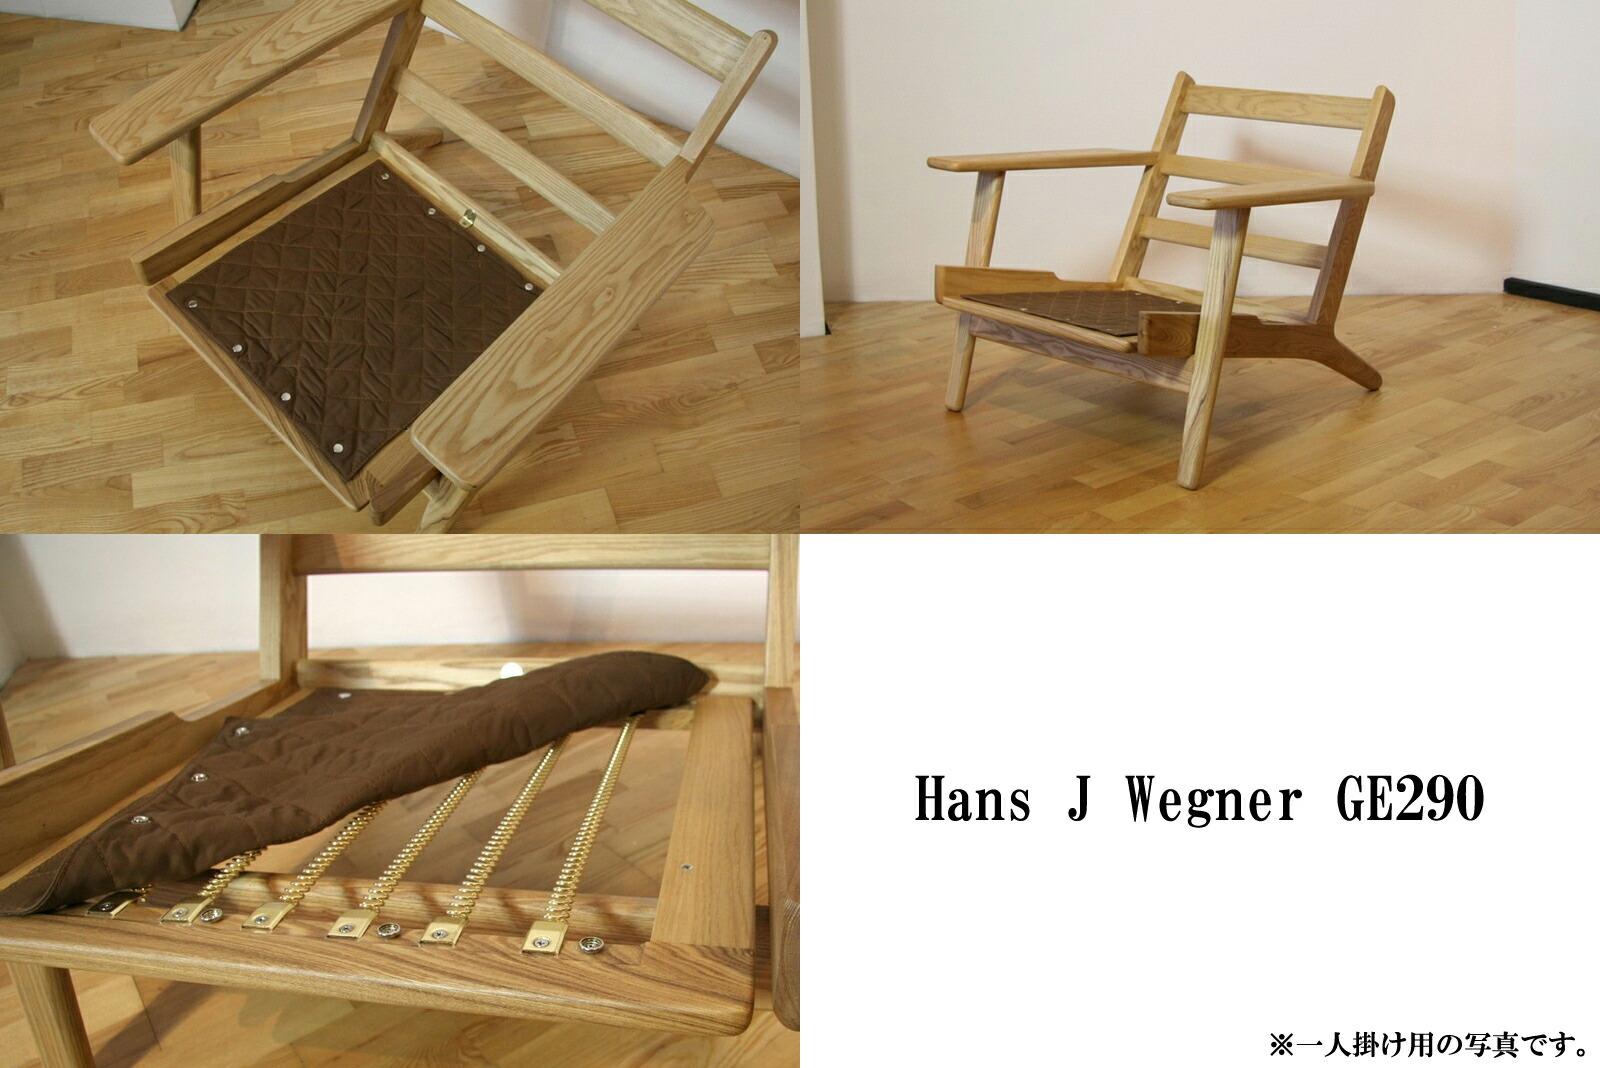 【楽天市場】ハンス ウェグナー ソファ Ge290 ダークグリーン 二人掛け 2p ハンス・j・ウェグナー:イームズチェア